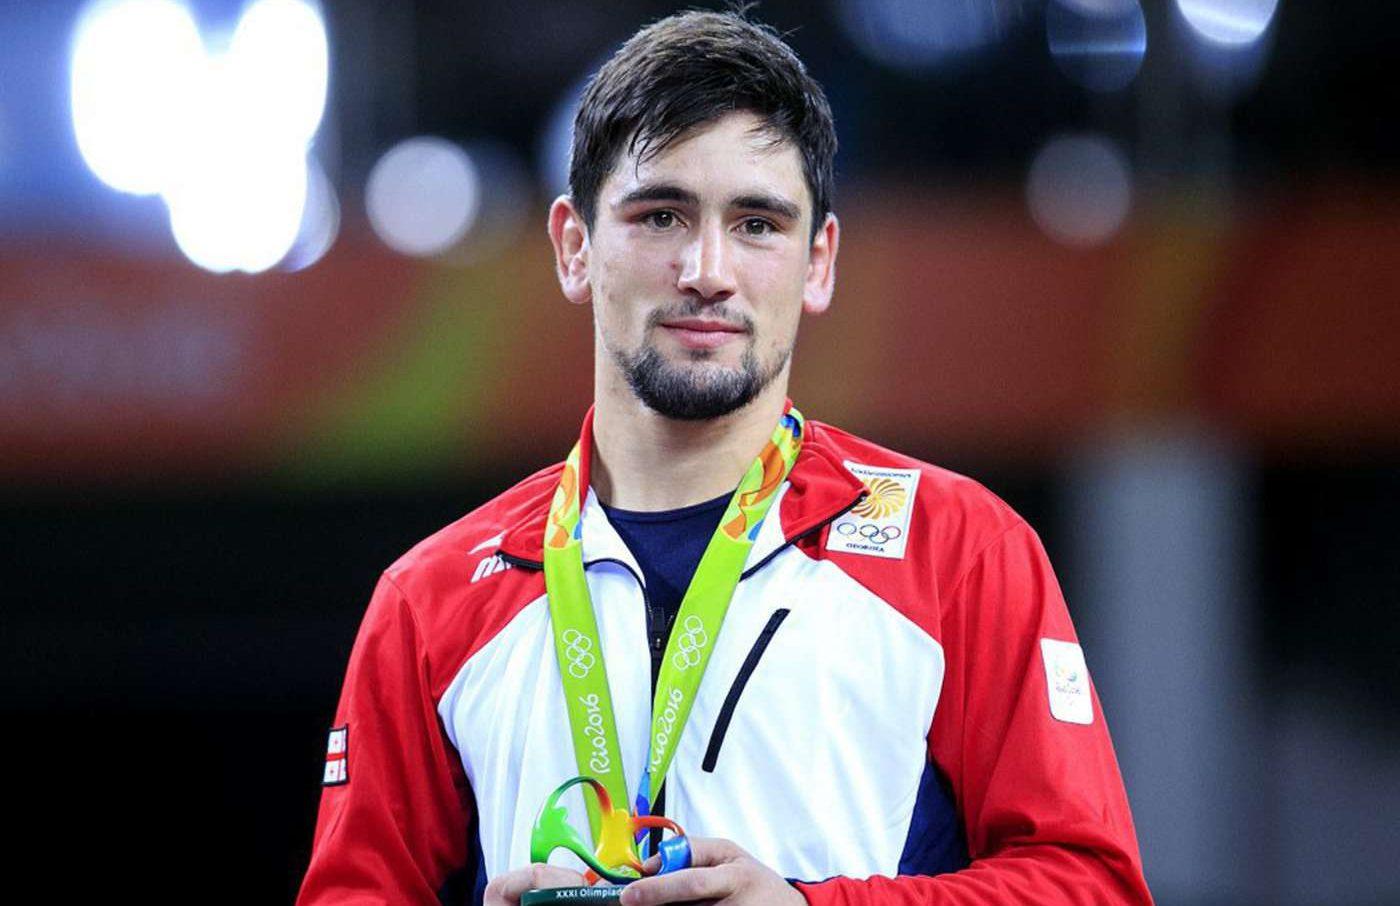 Олимпийски шампион по борба се върна към детството (СНИМКИ)